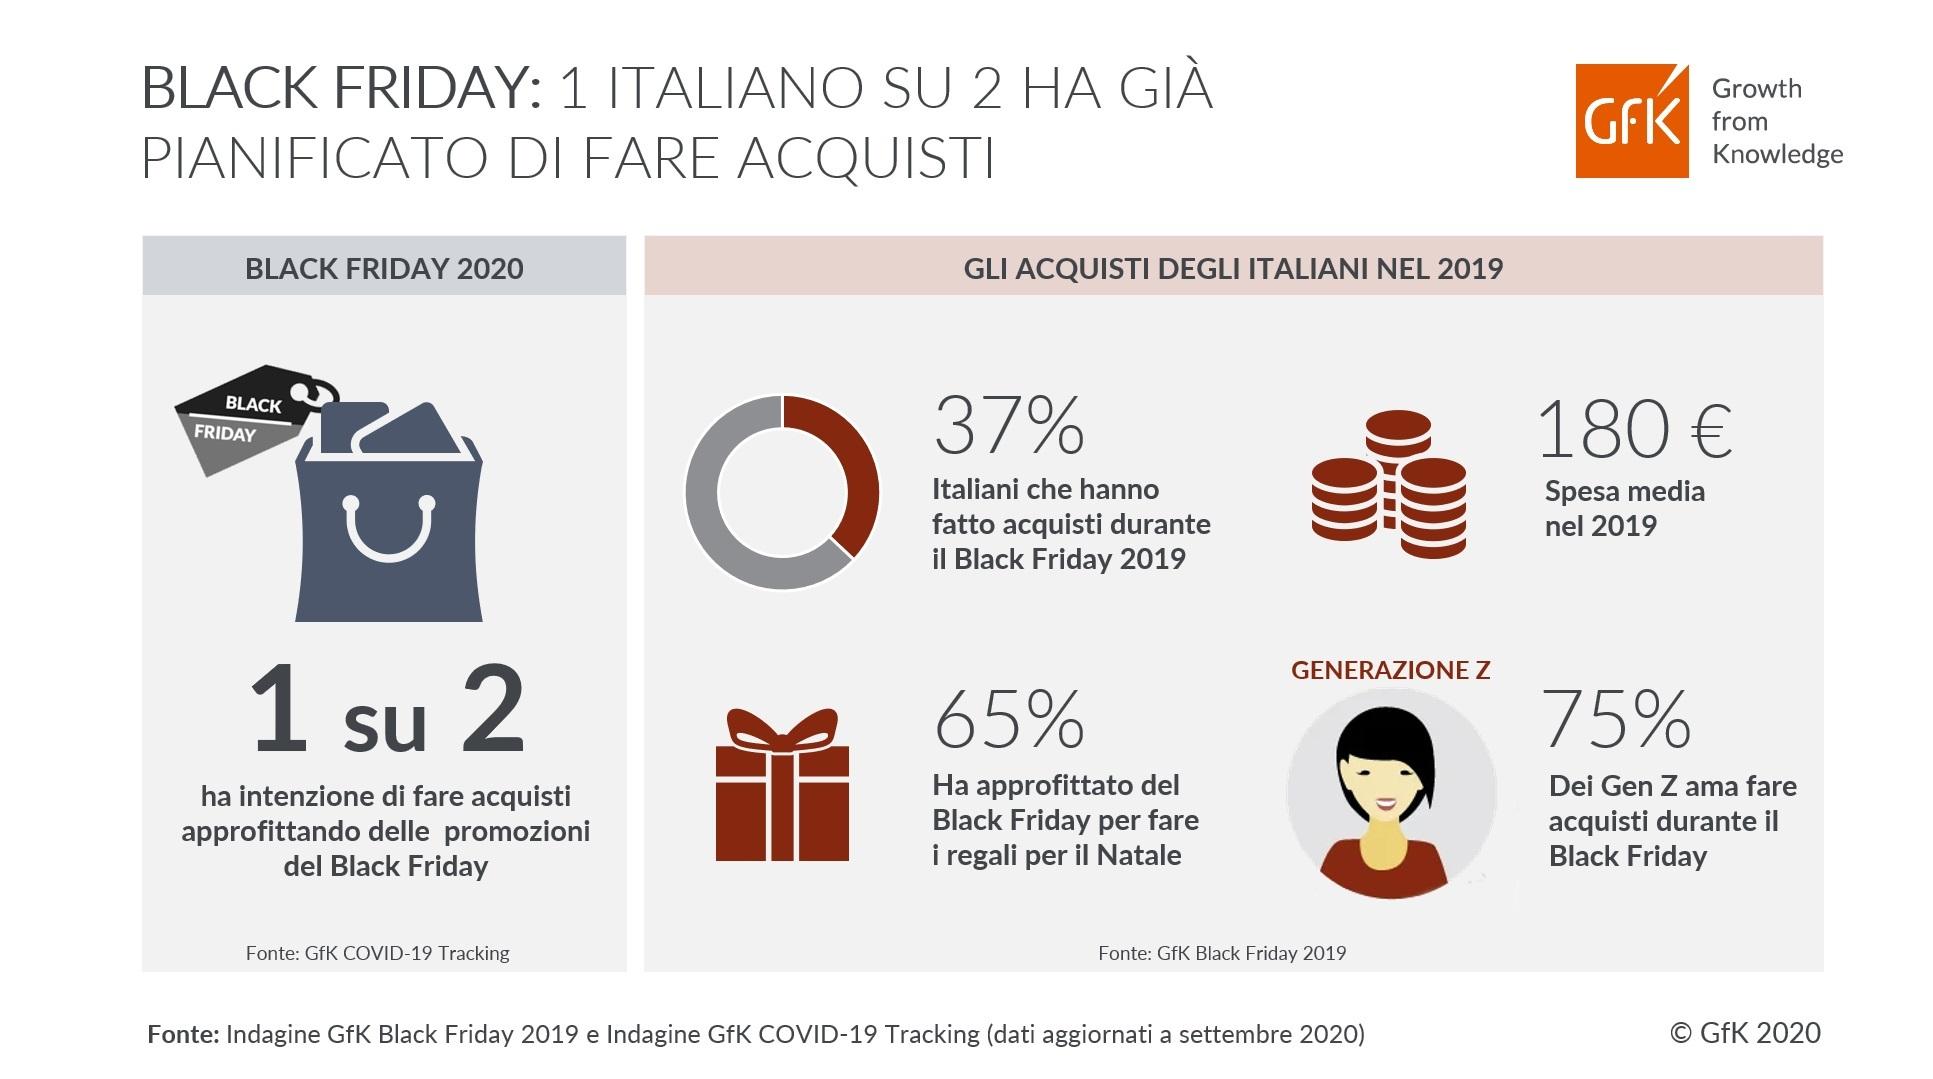 Black Friday e promozioni di fine anno: 1 italiano su 2 pianifica già di fare acquisti